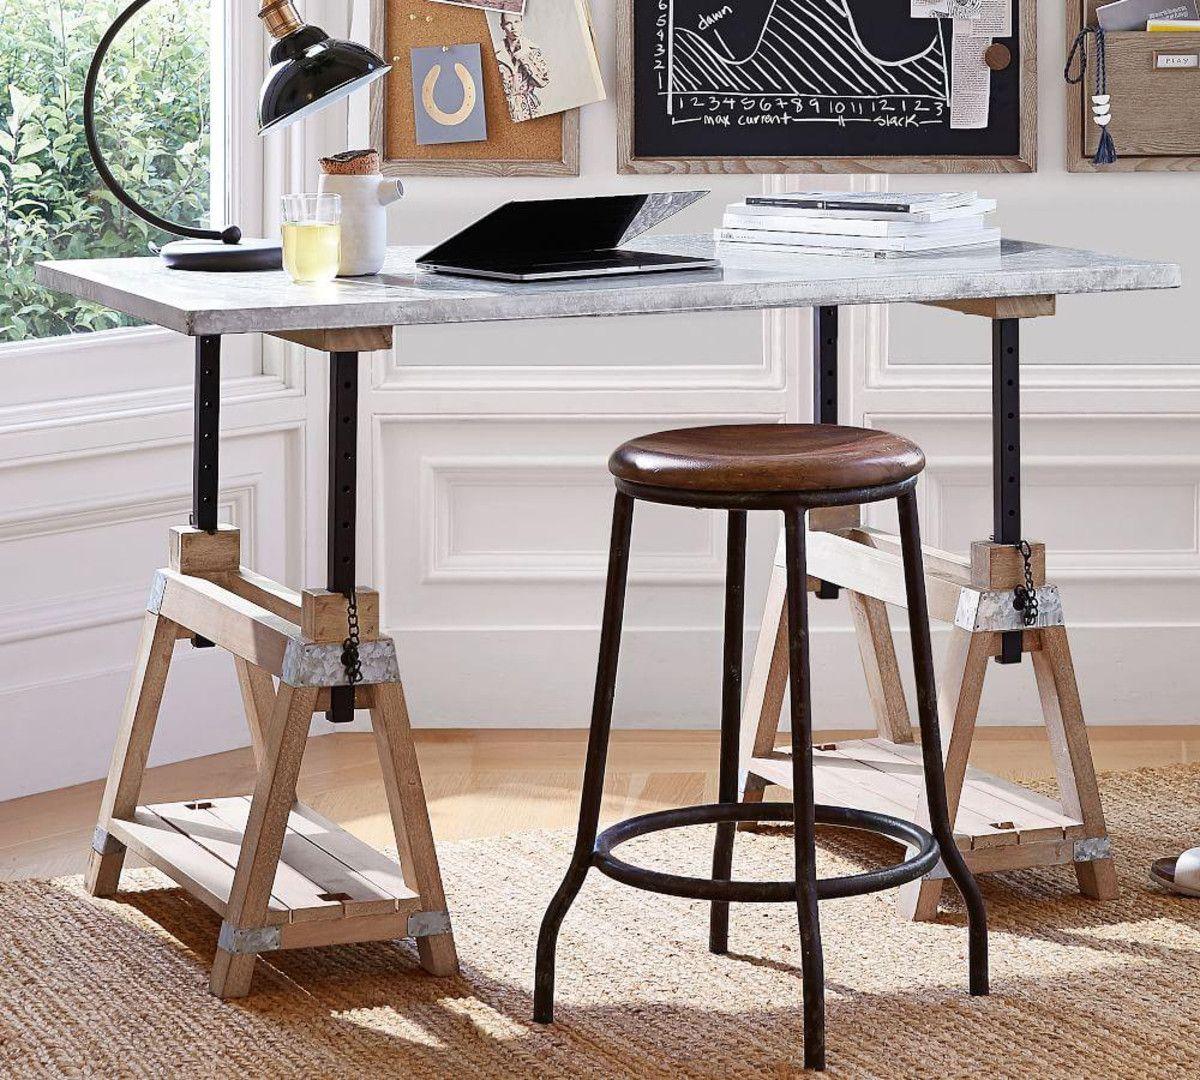 Jackson Galvanised Sawhorse Desk/Coffee Table Adjustable